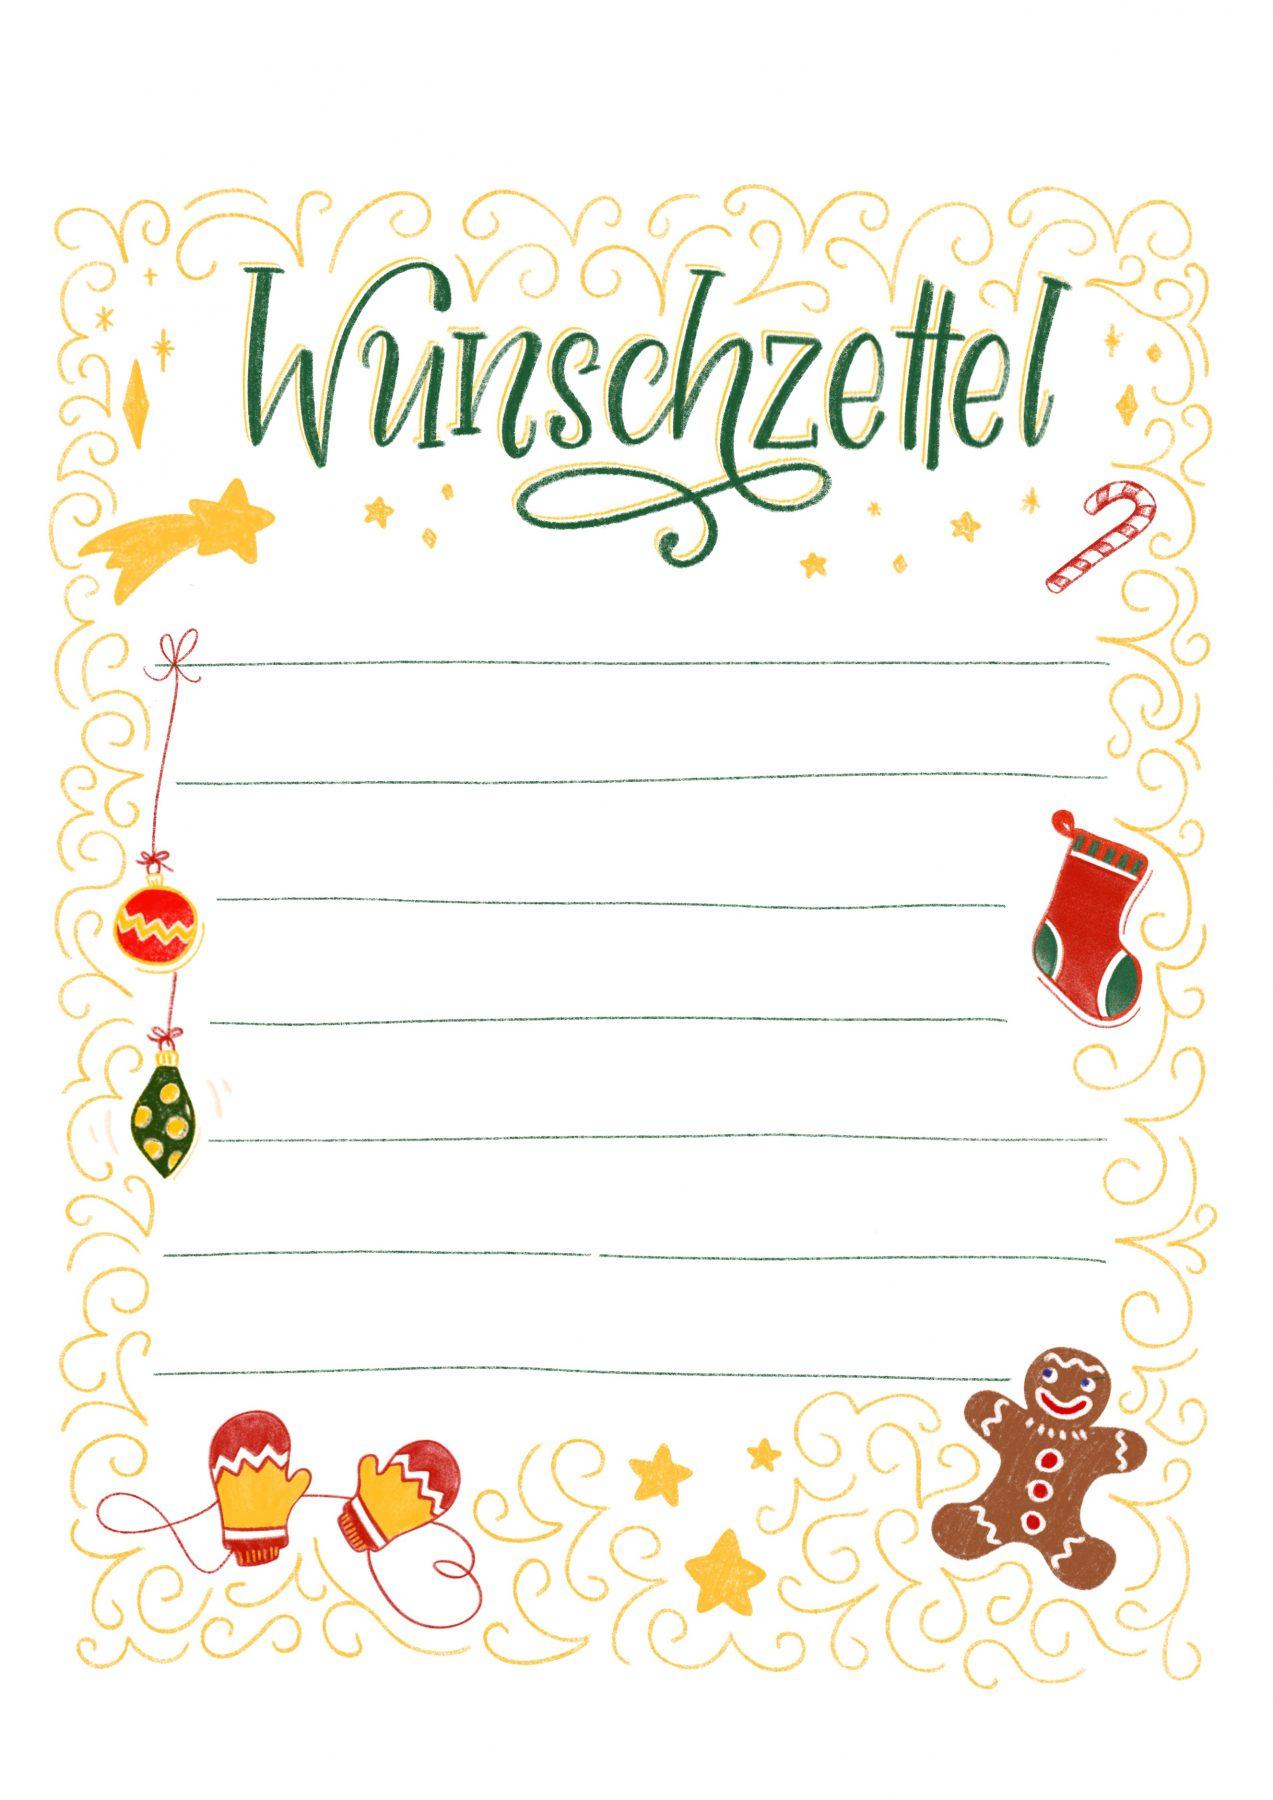 Wunschzettel-Vorlage Zum Ausdrucken (Kostenloses Freebie für Brief Vom Nikolaus Vorlage